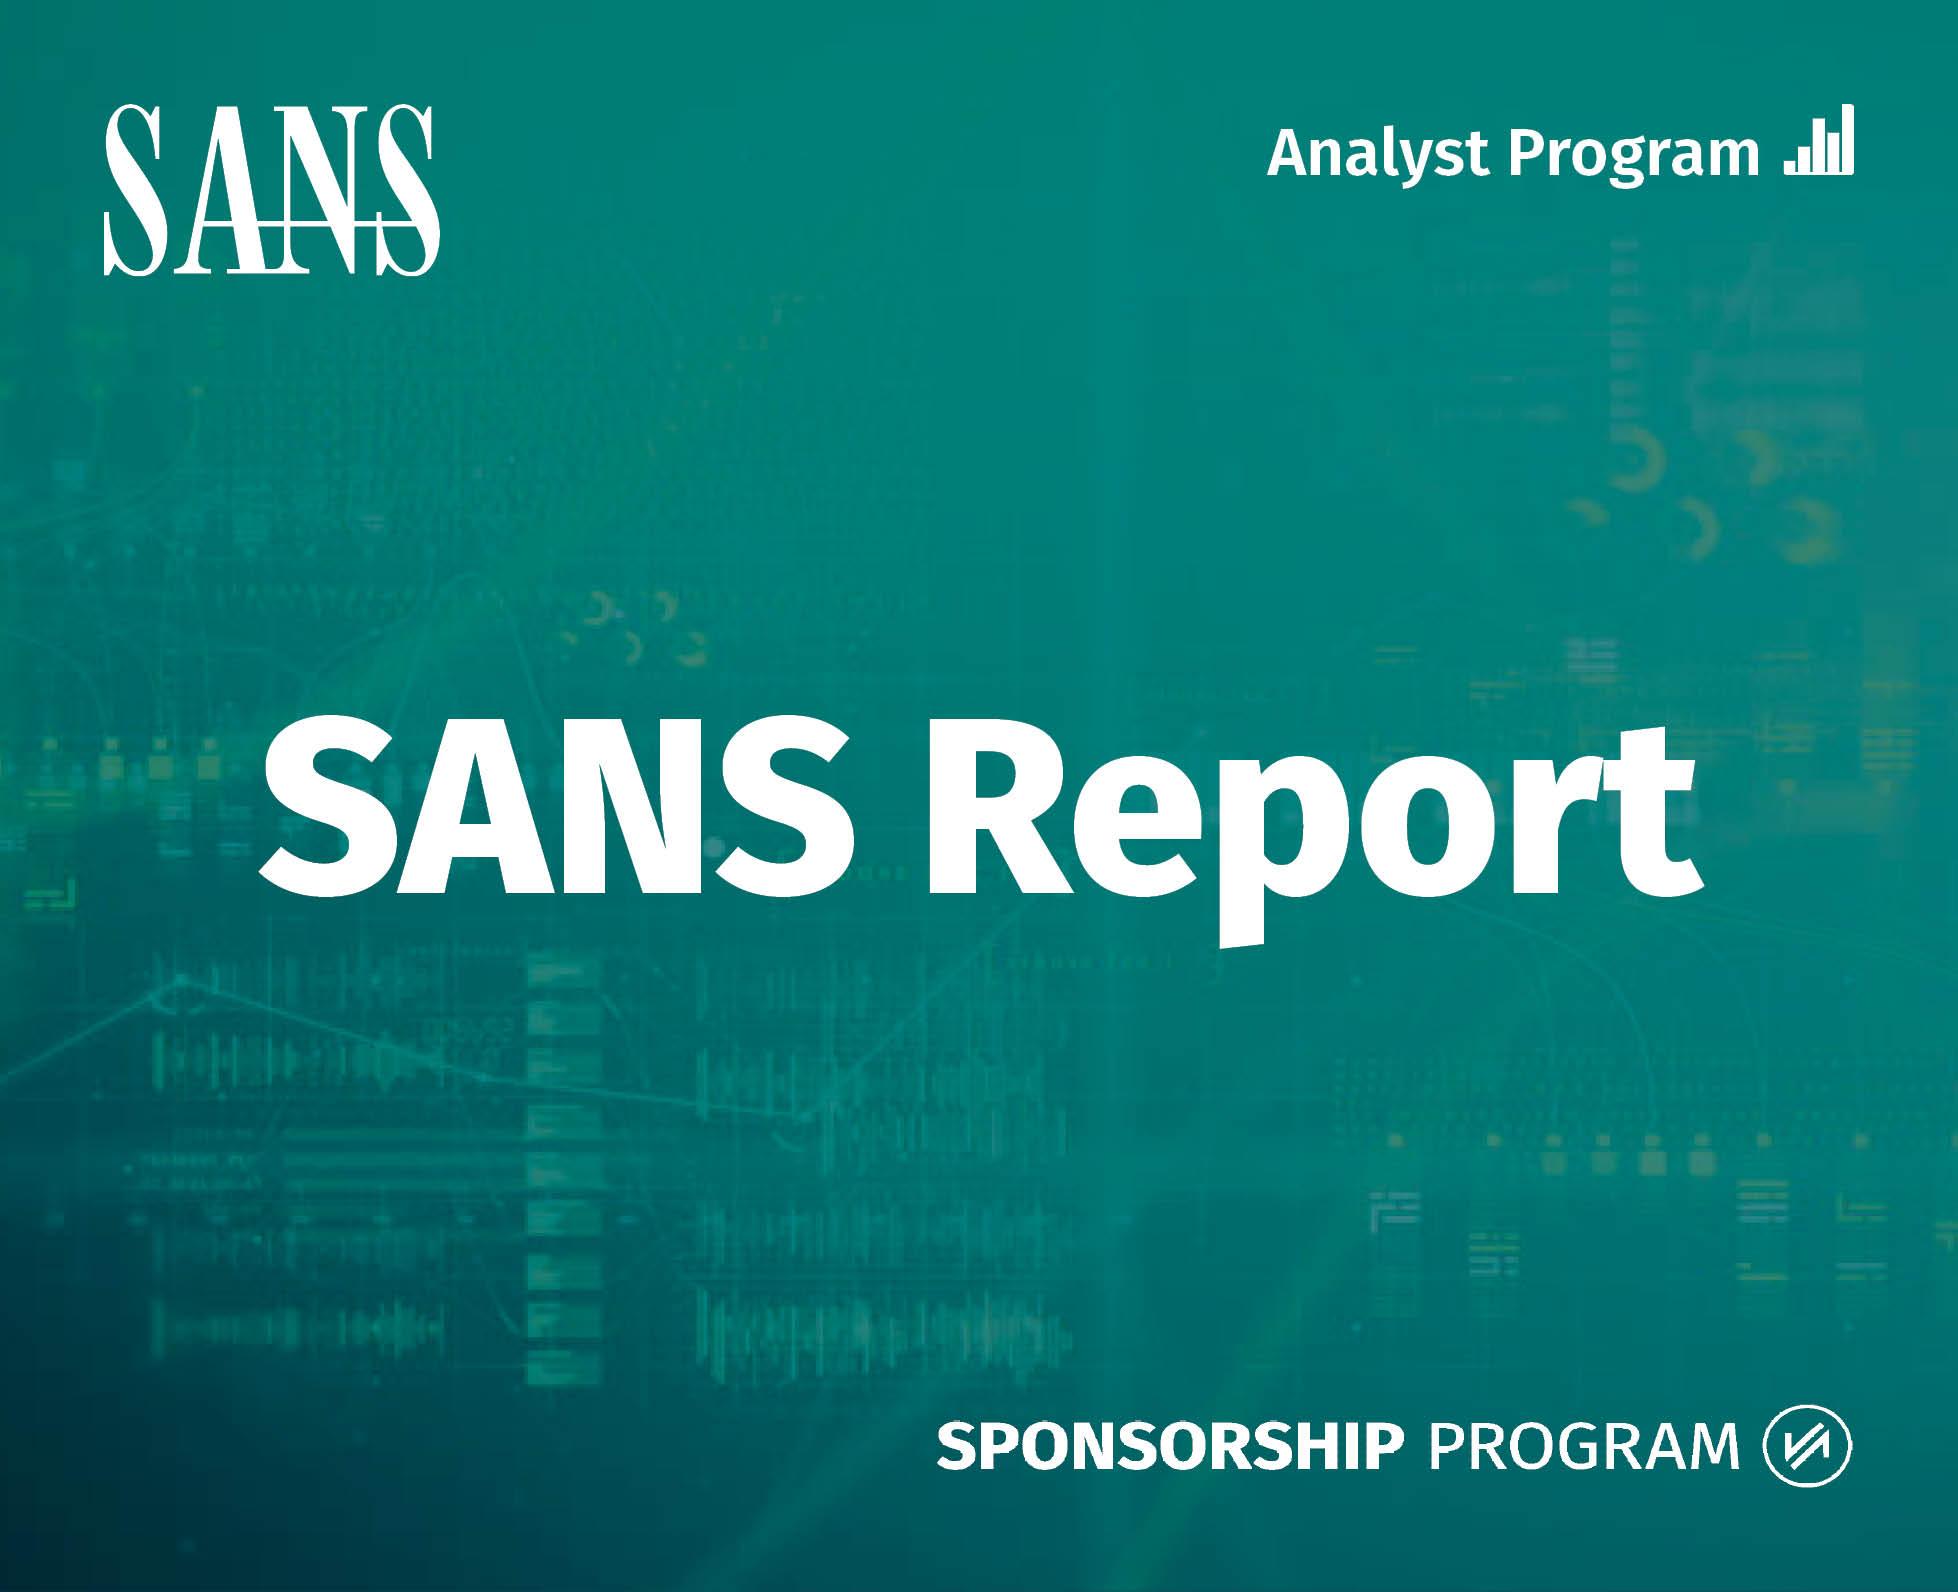 Analyst_Program3.jpg